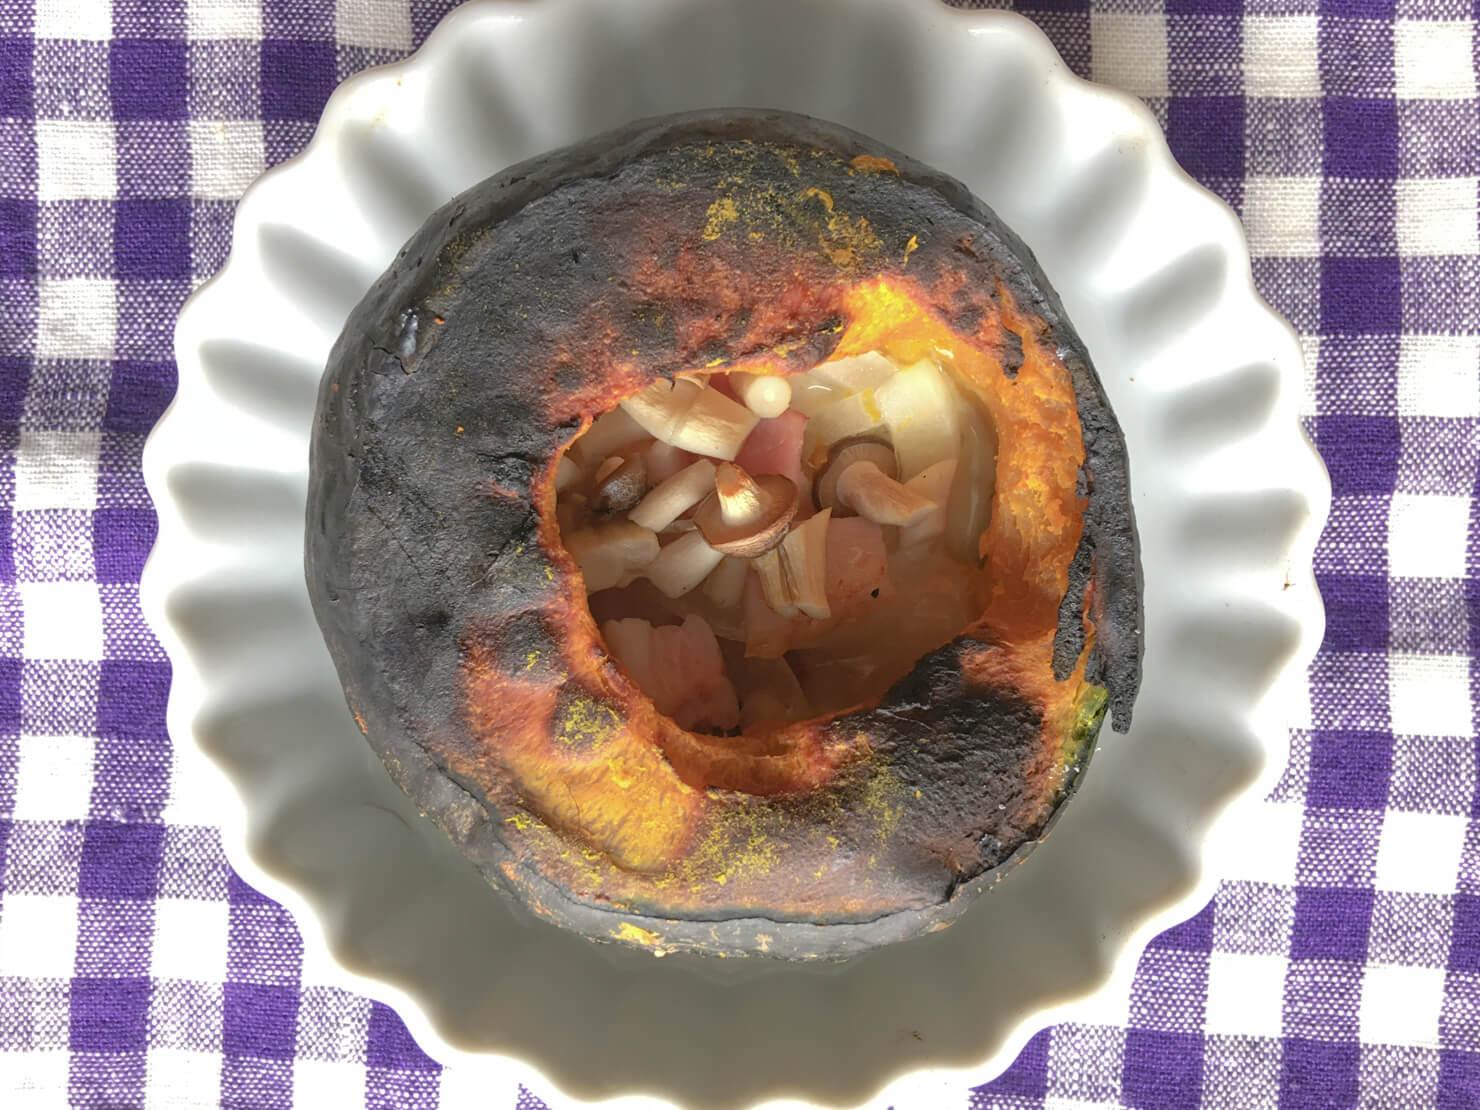 坊ちゃんかぼちゃの丸ごとチーズ焼きが焦げた写真